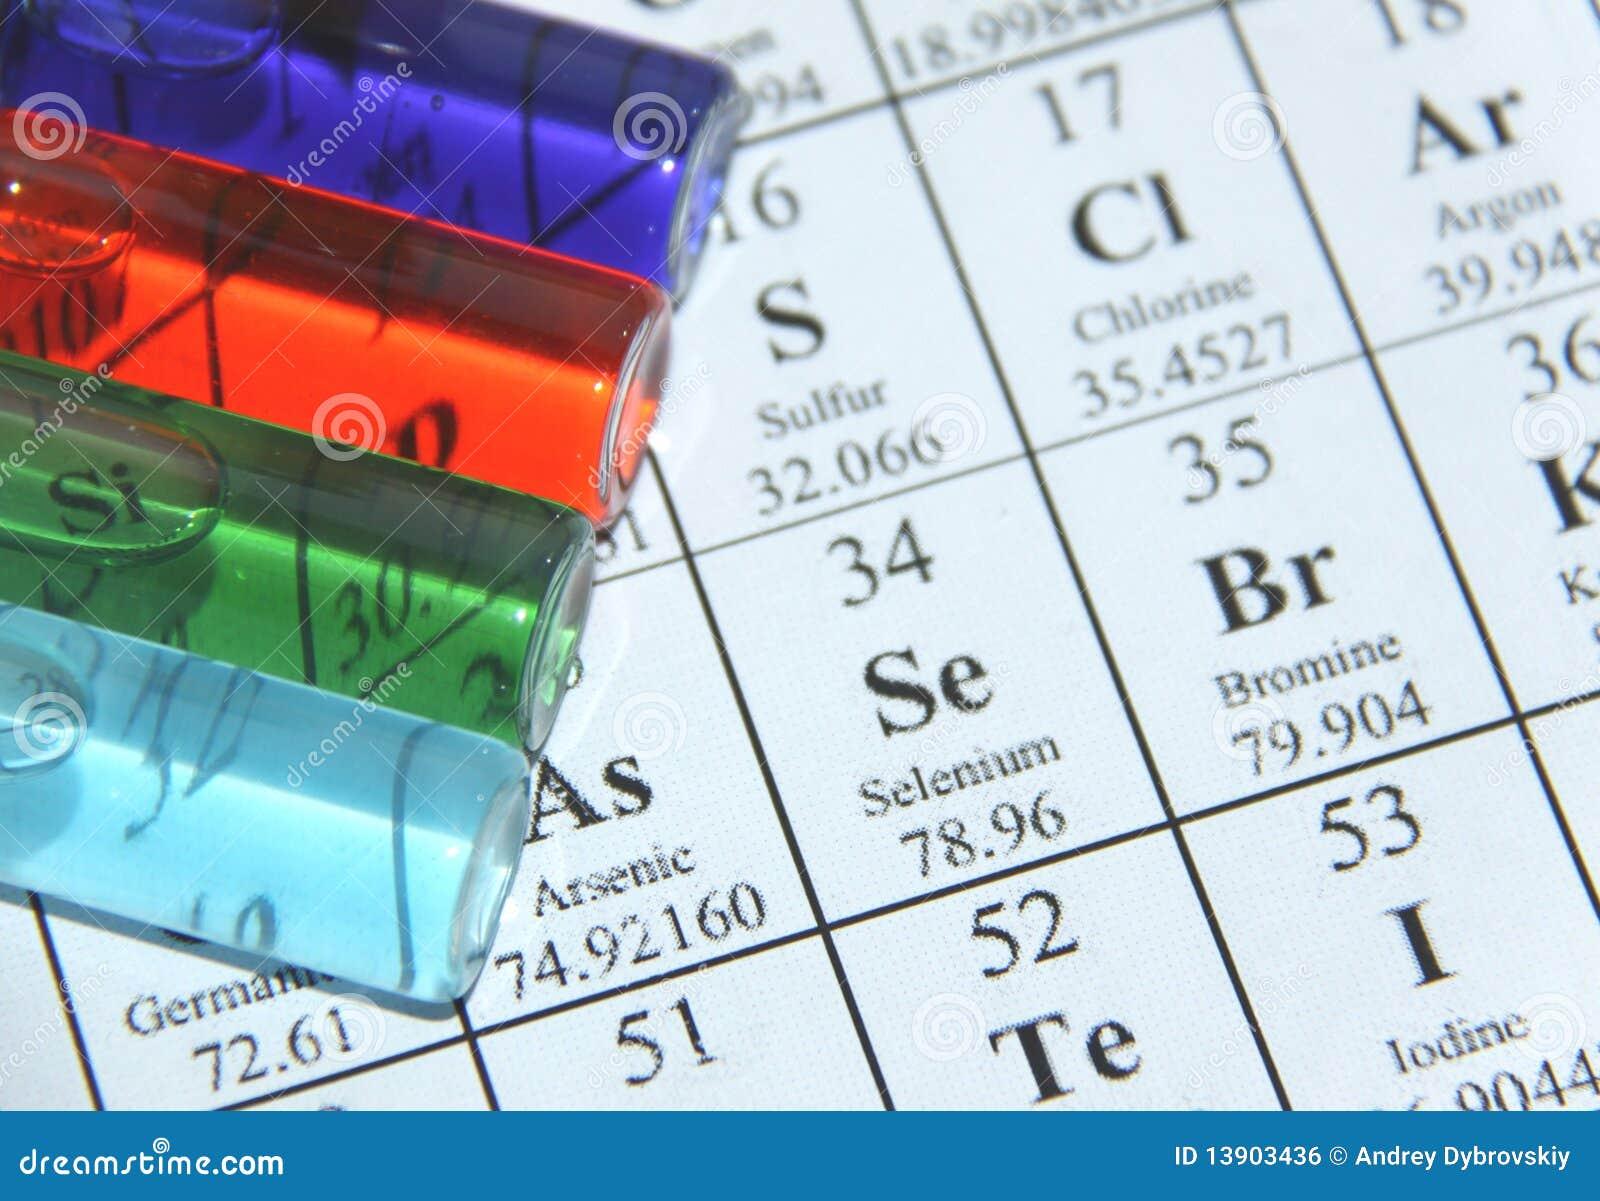 Chimica. Serie della provetta